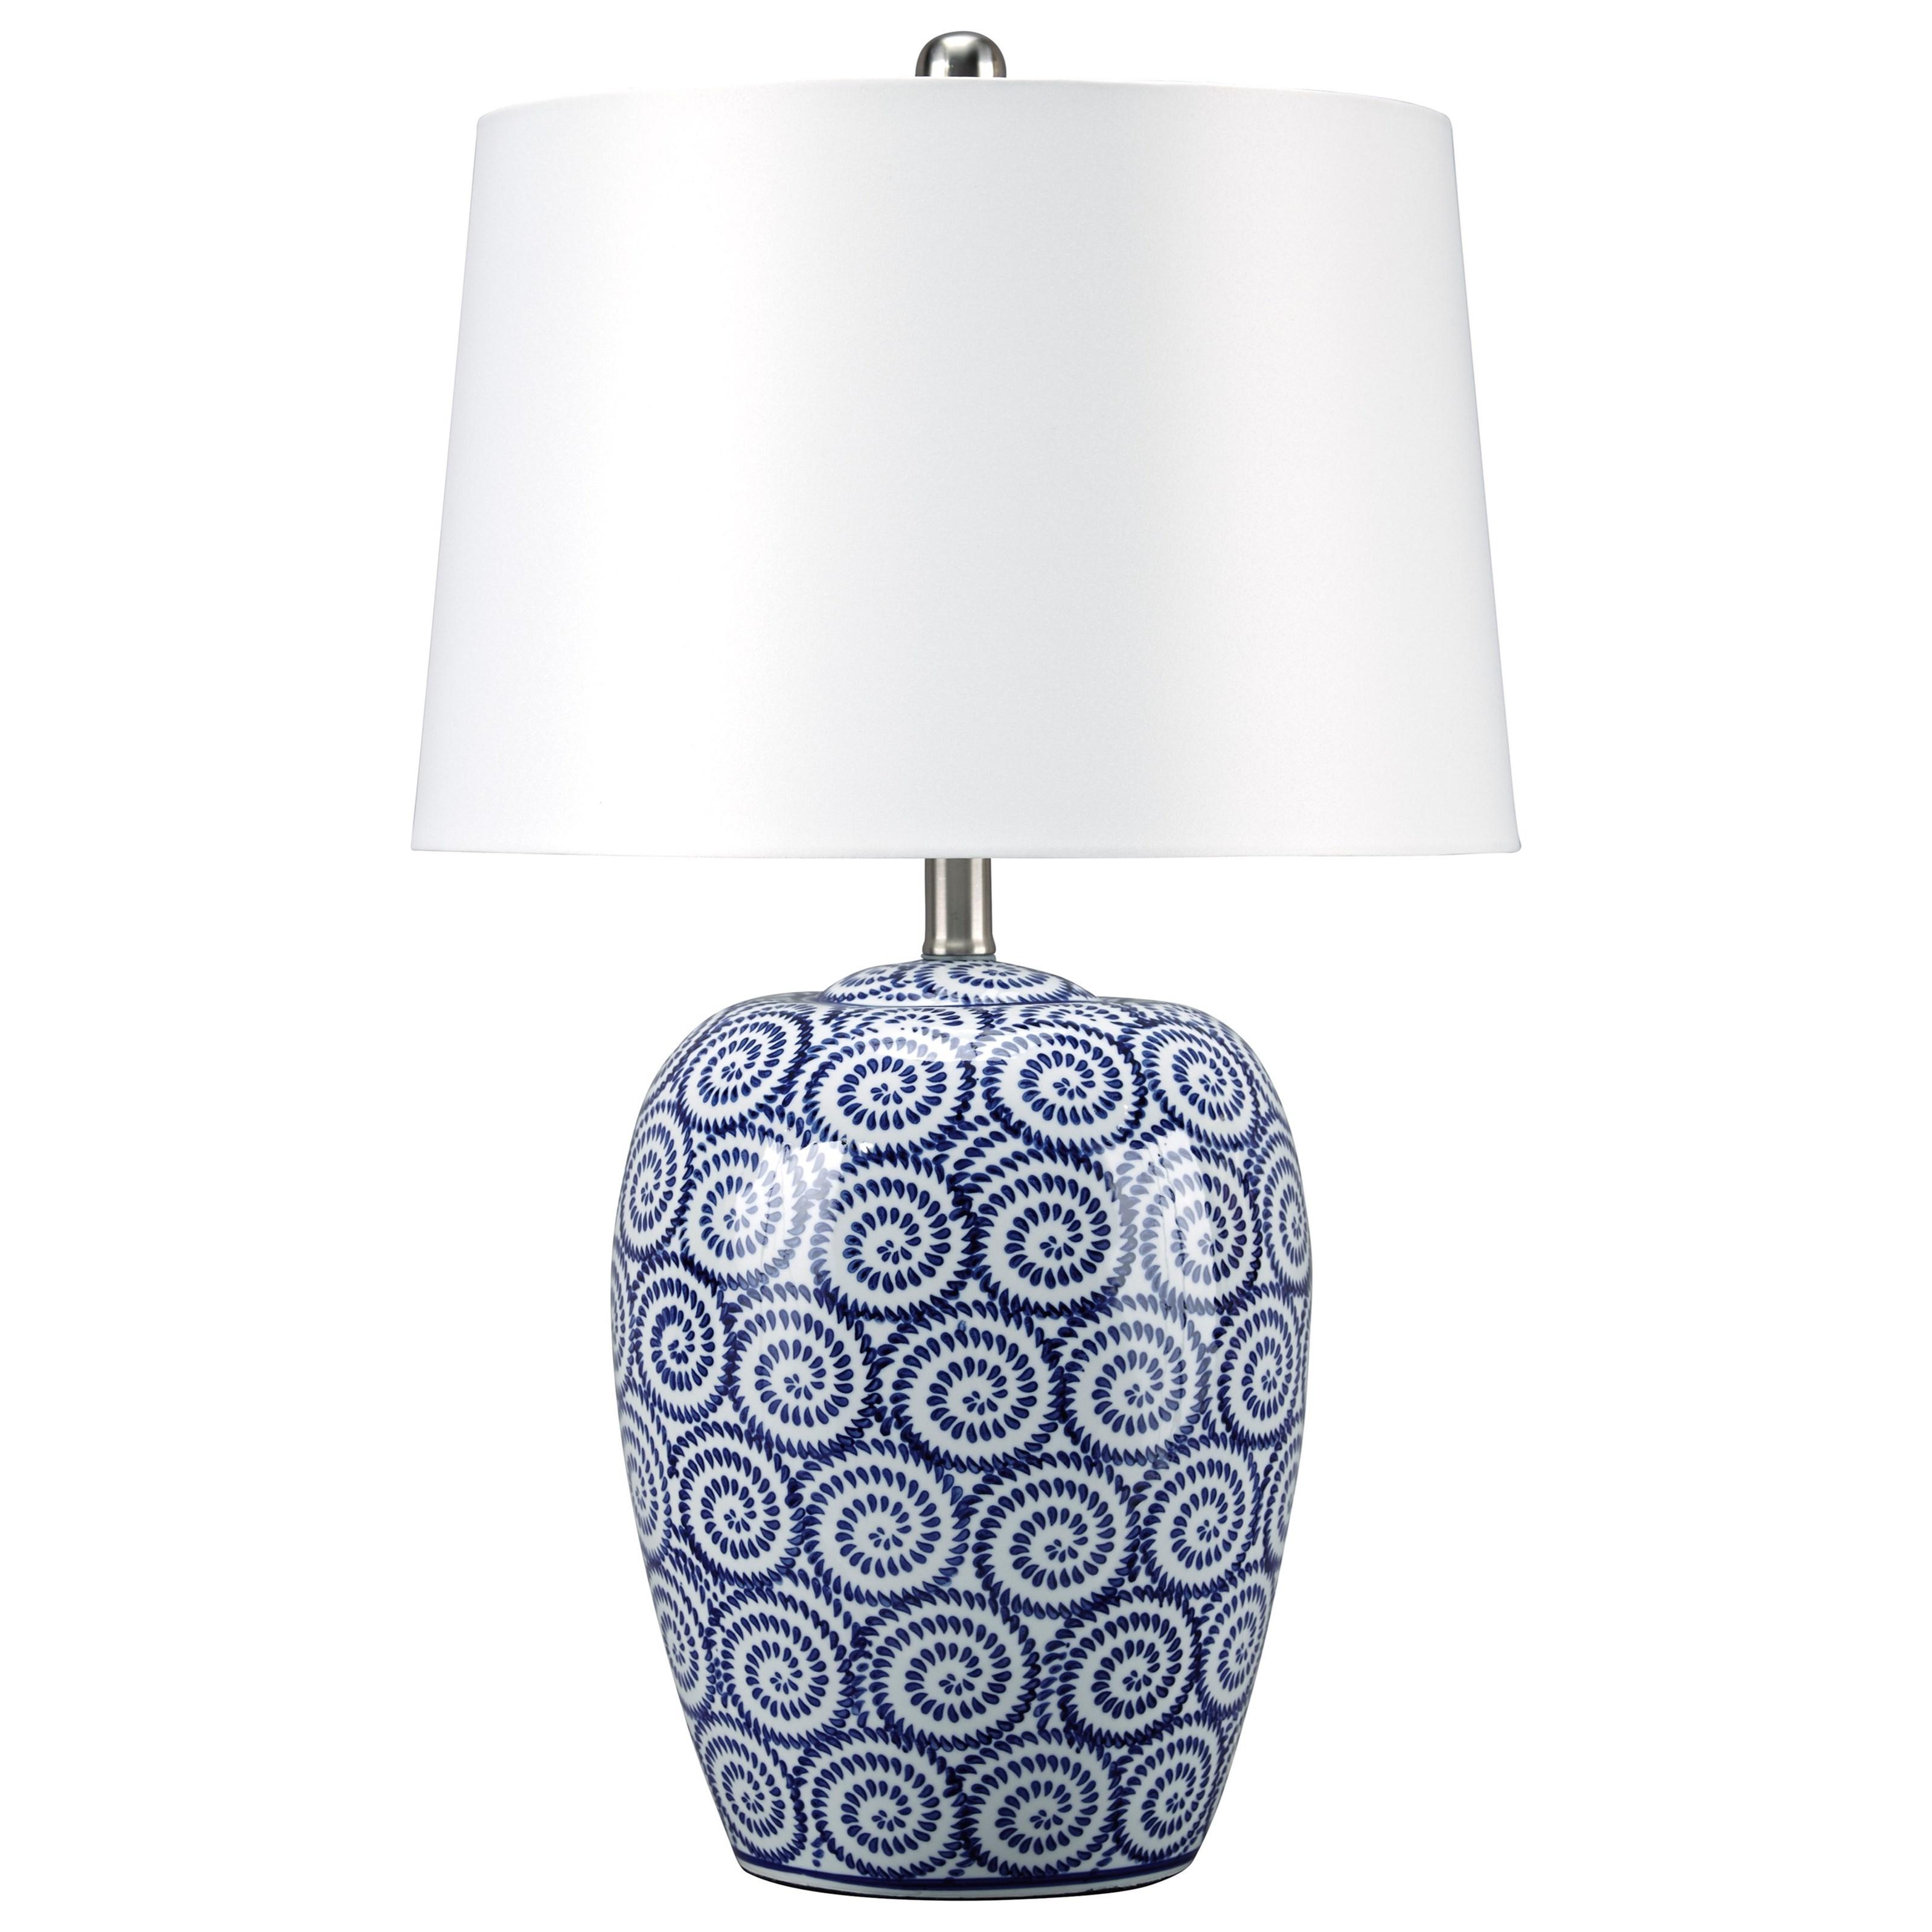 Mailini White/Blue Ceramic Table Lamp